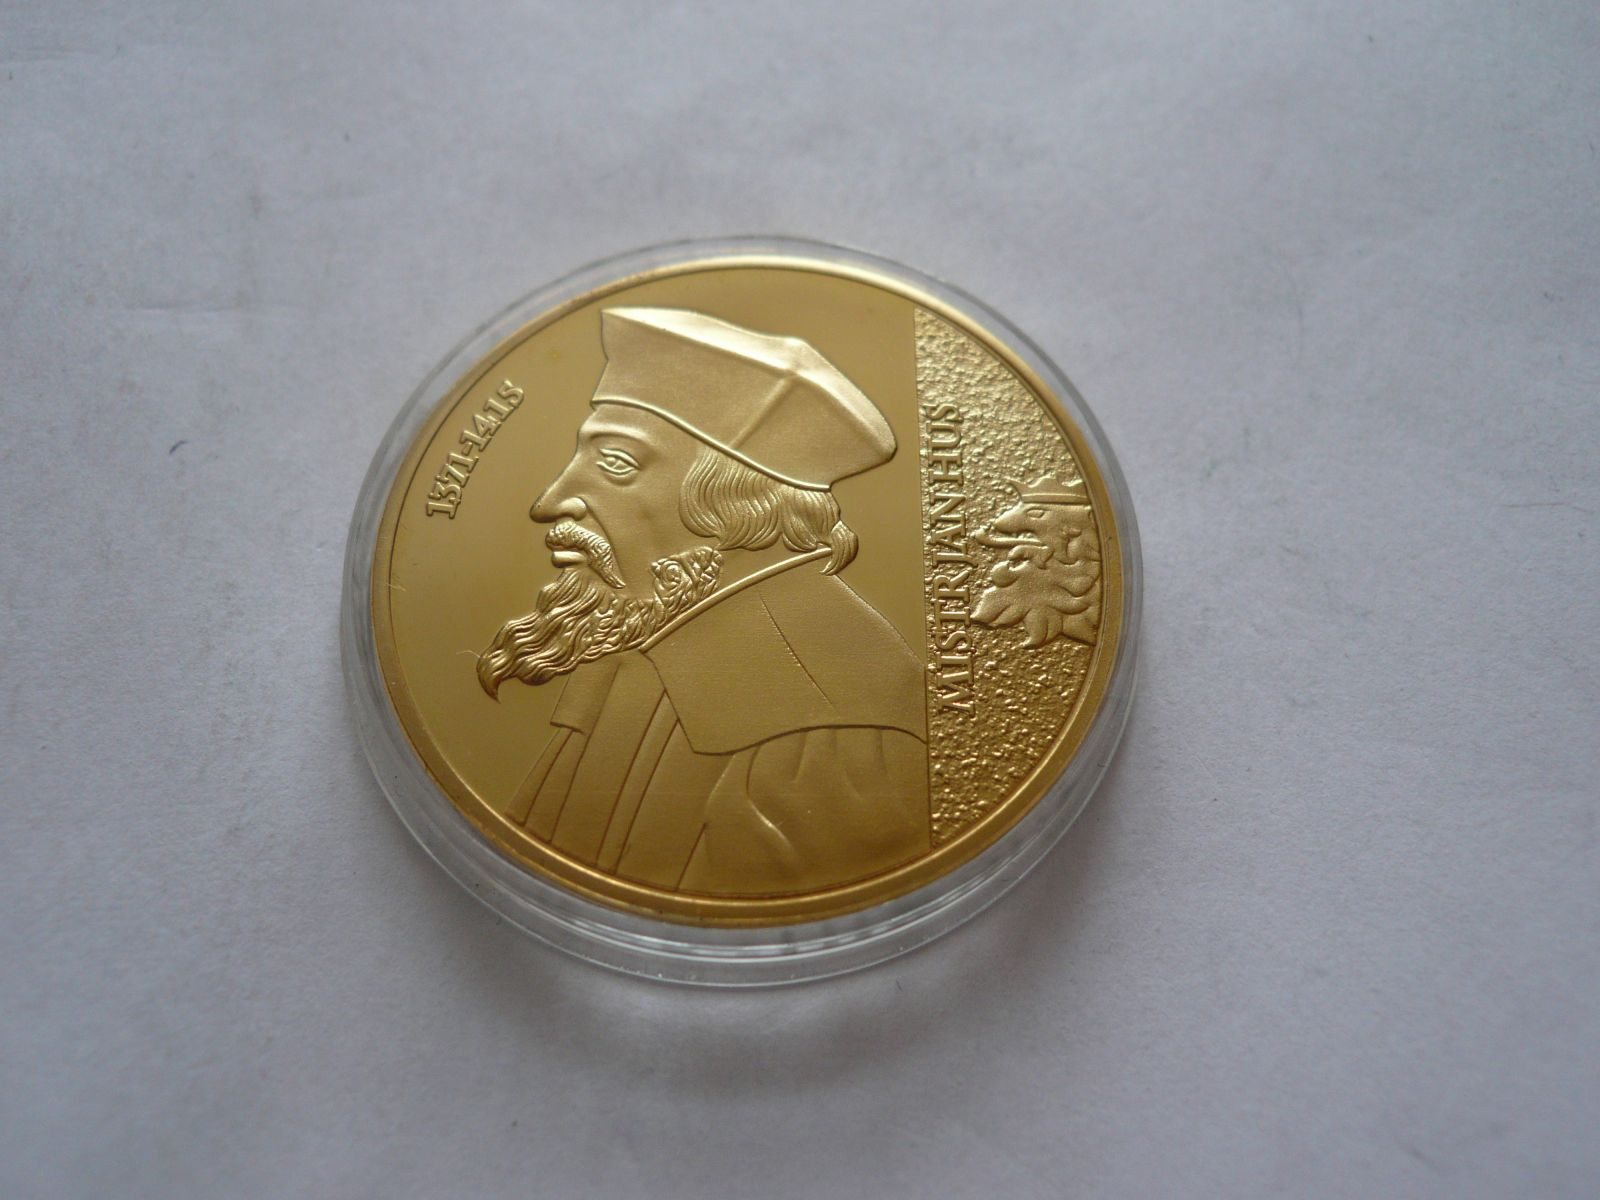 Jan Hus ze sbírky Největší Čech, průměr 40mm, ČR